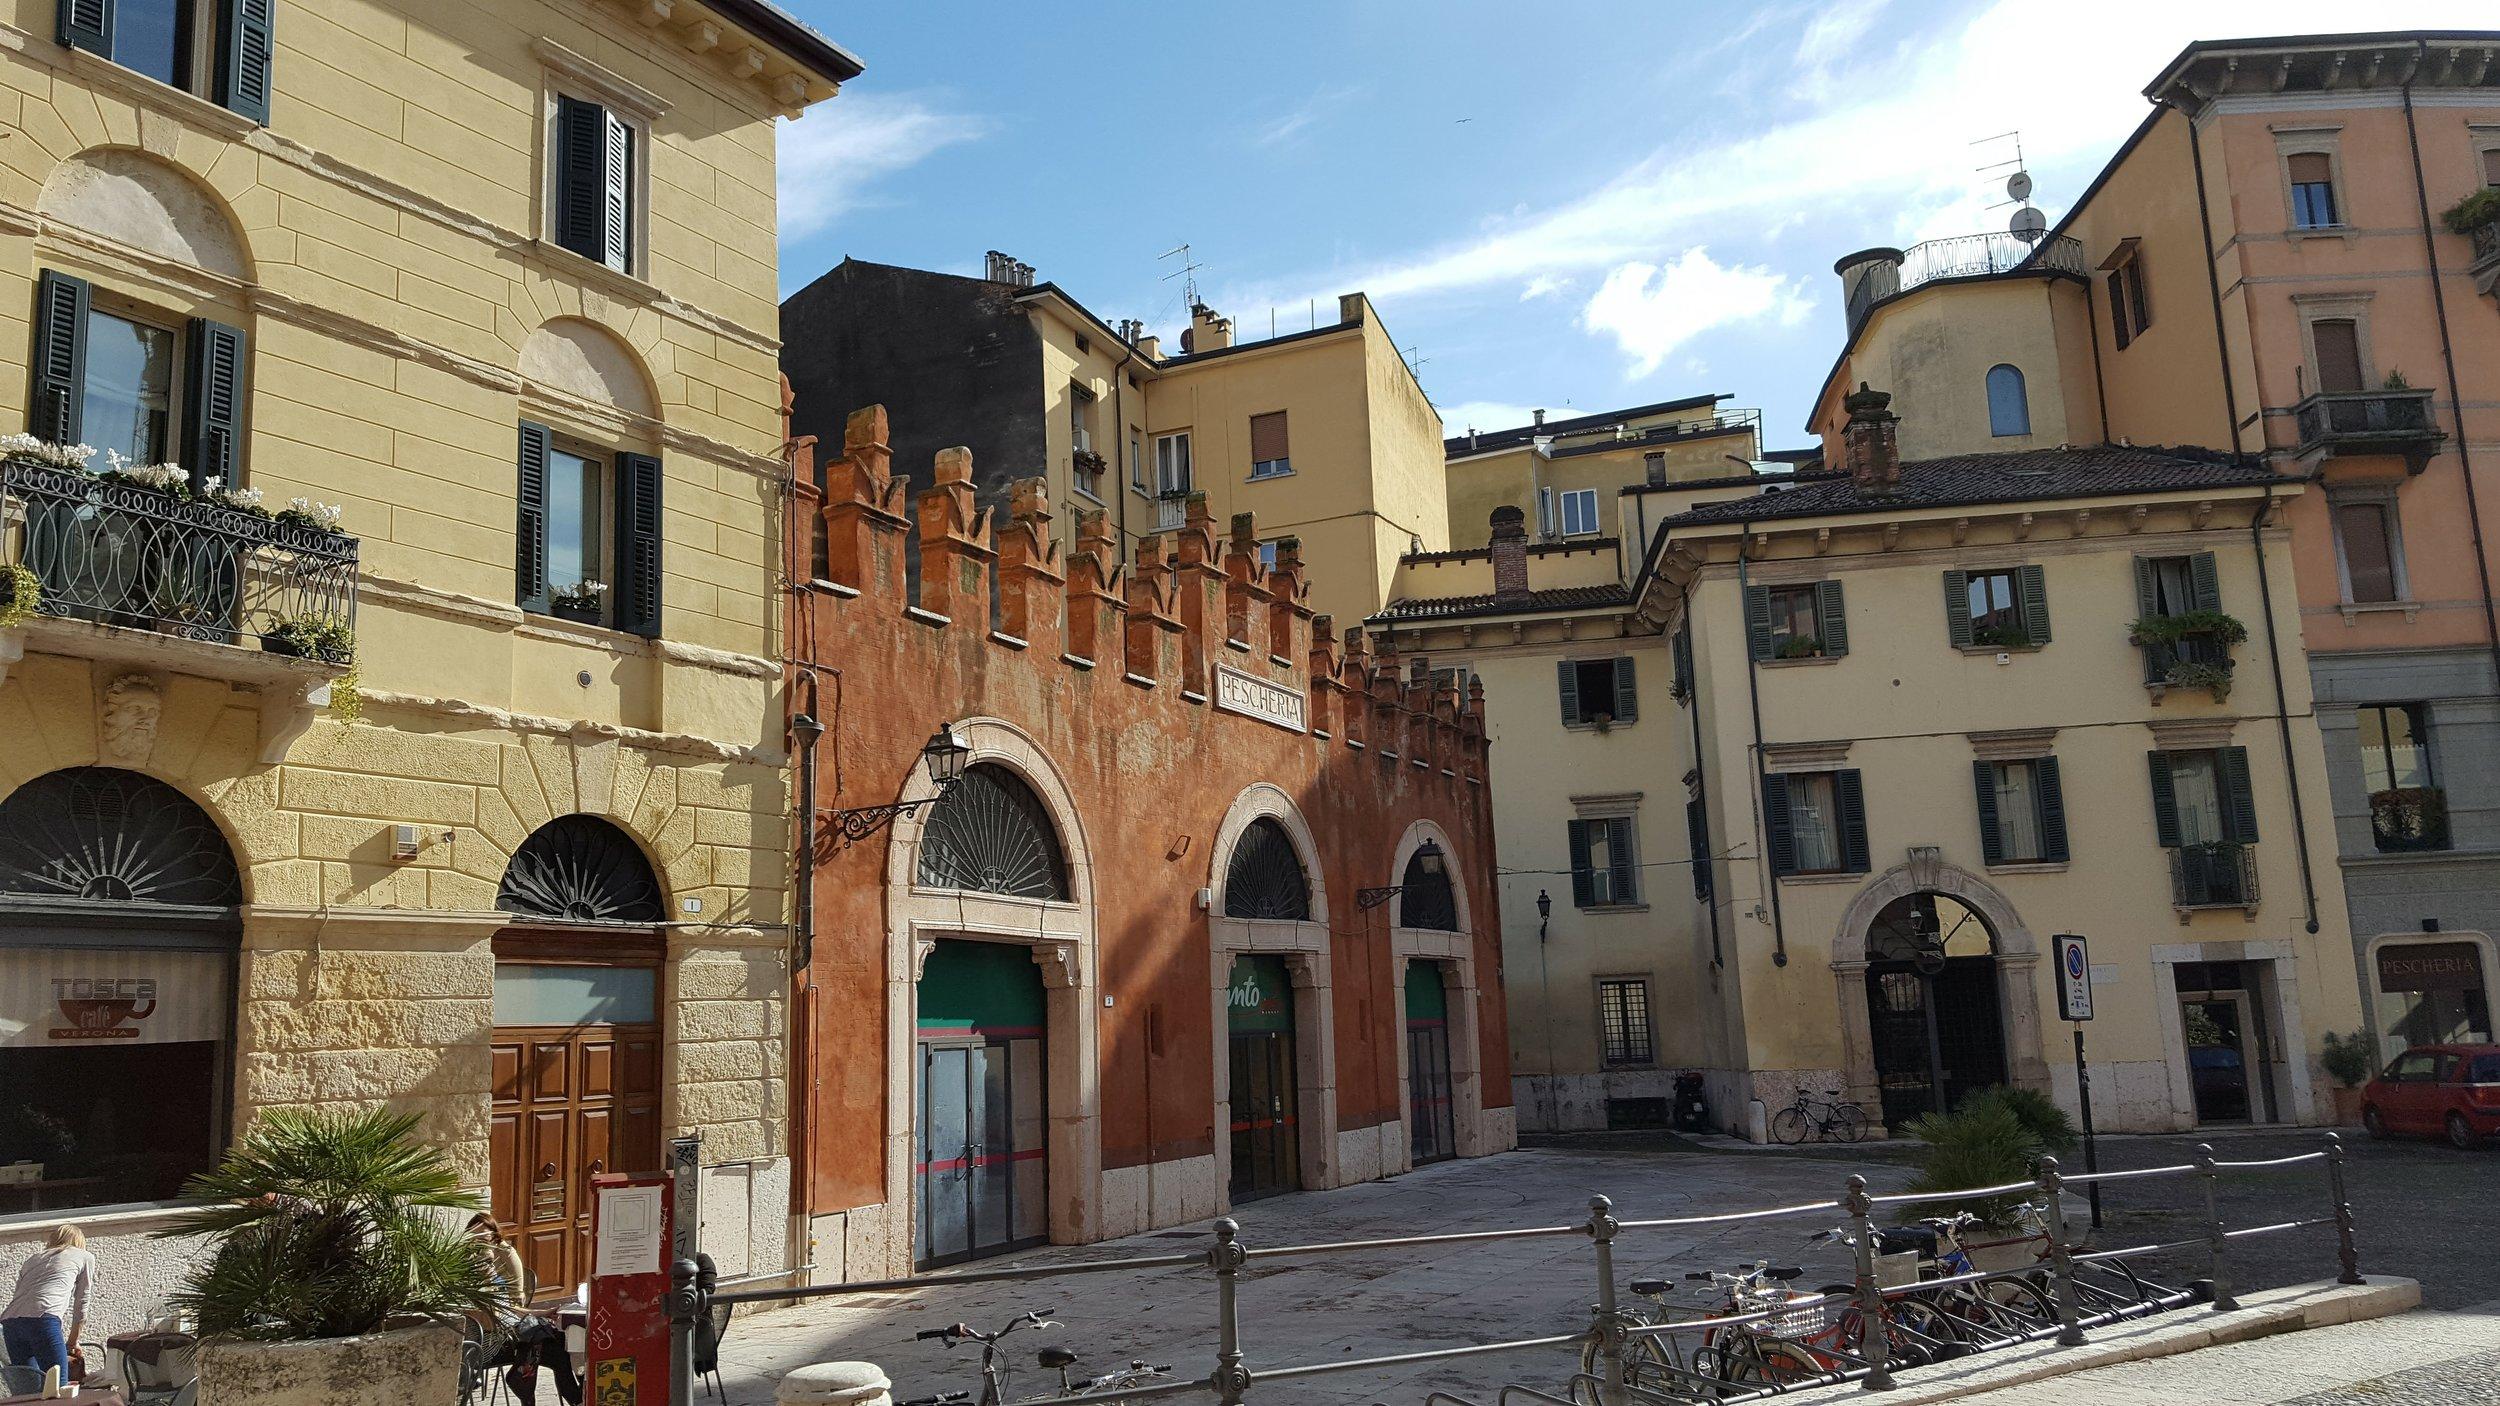 Small piazza in Verona